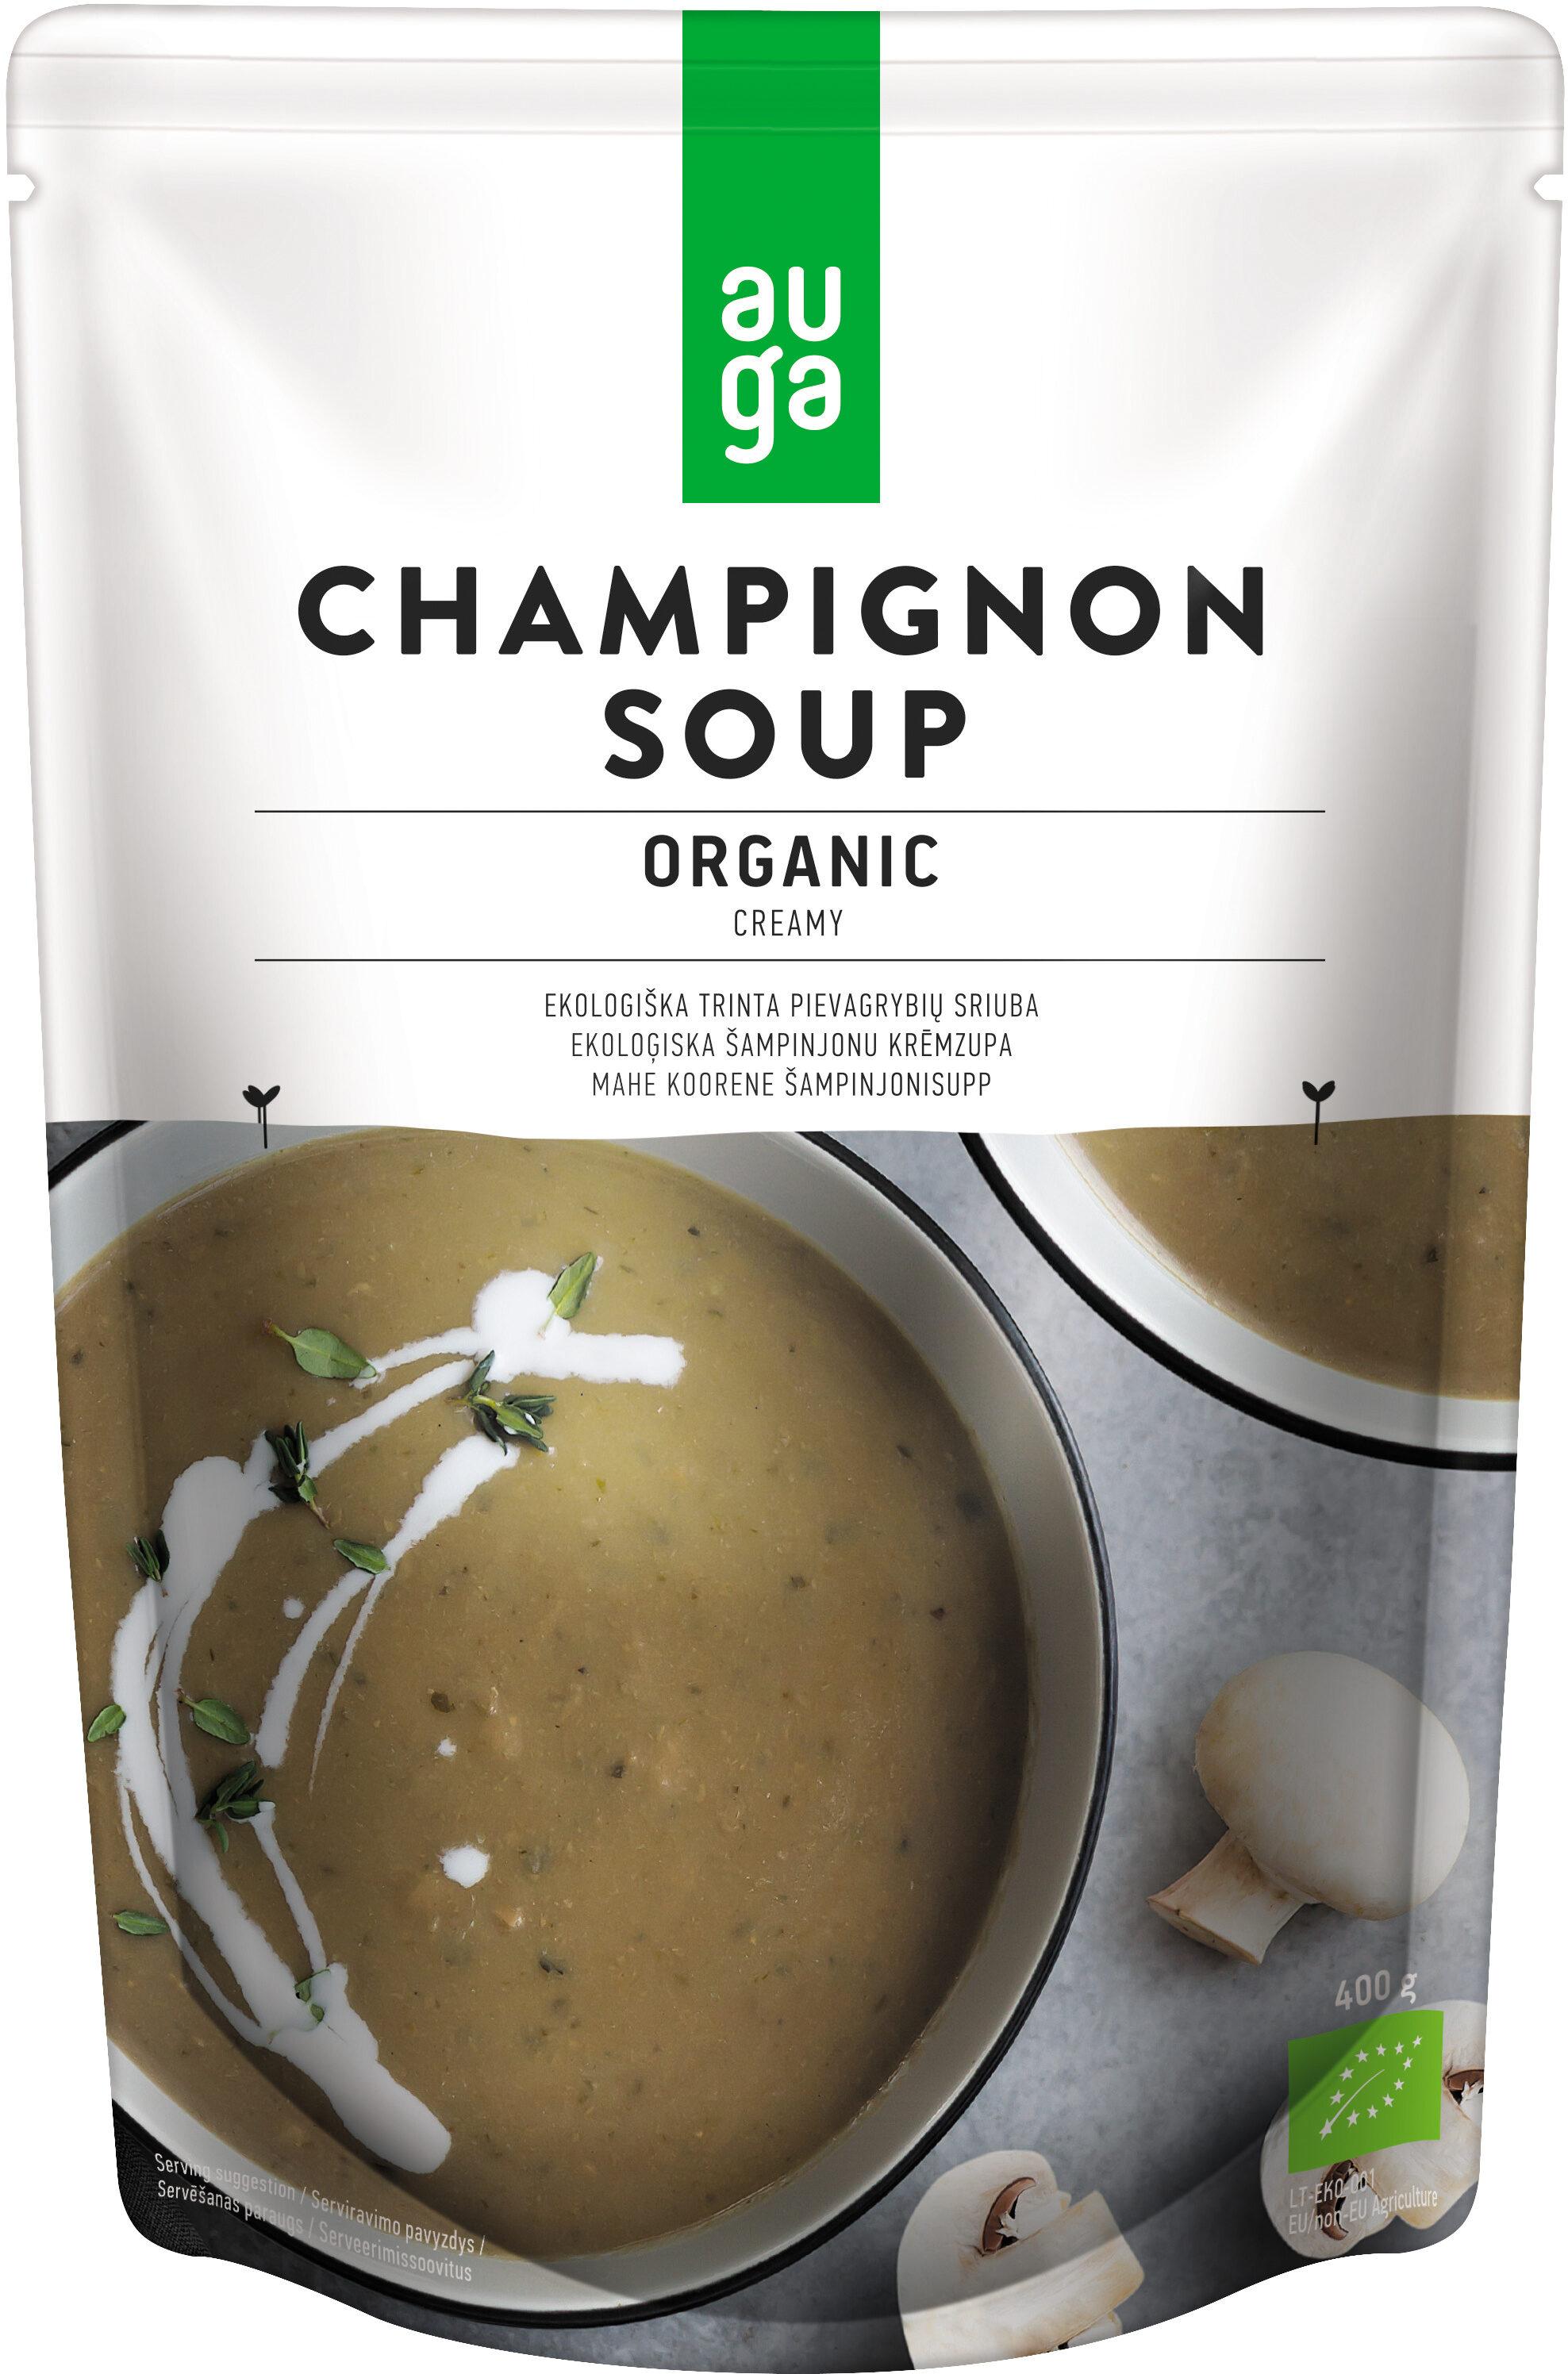 Champignon Soup - Product - en